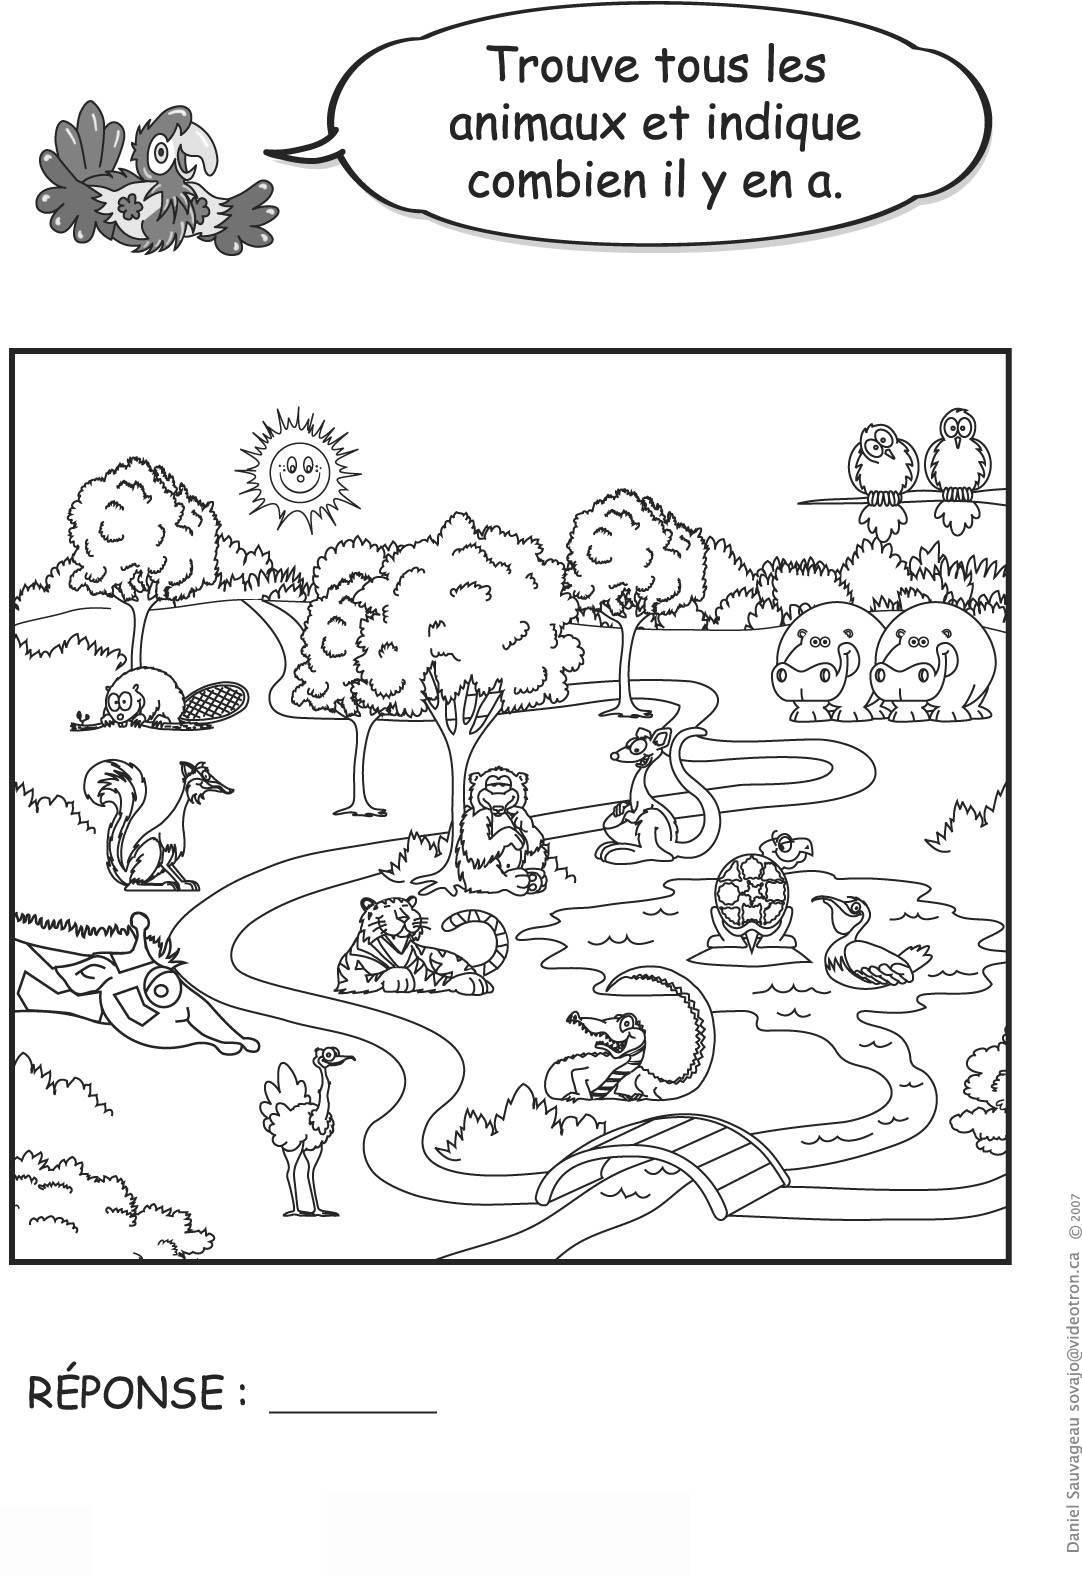 Jeux Pour Enfants No 1 tout Jeux D Animaux Pour Fille